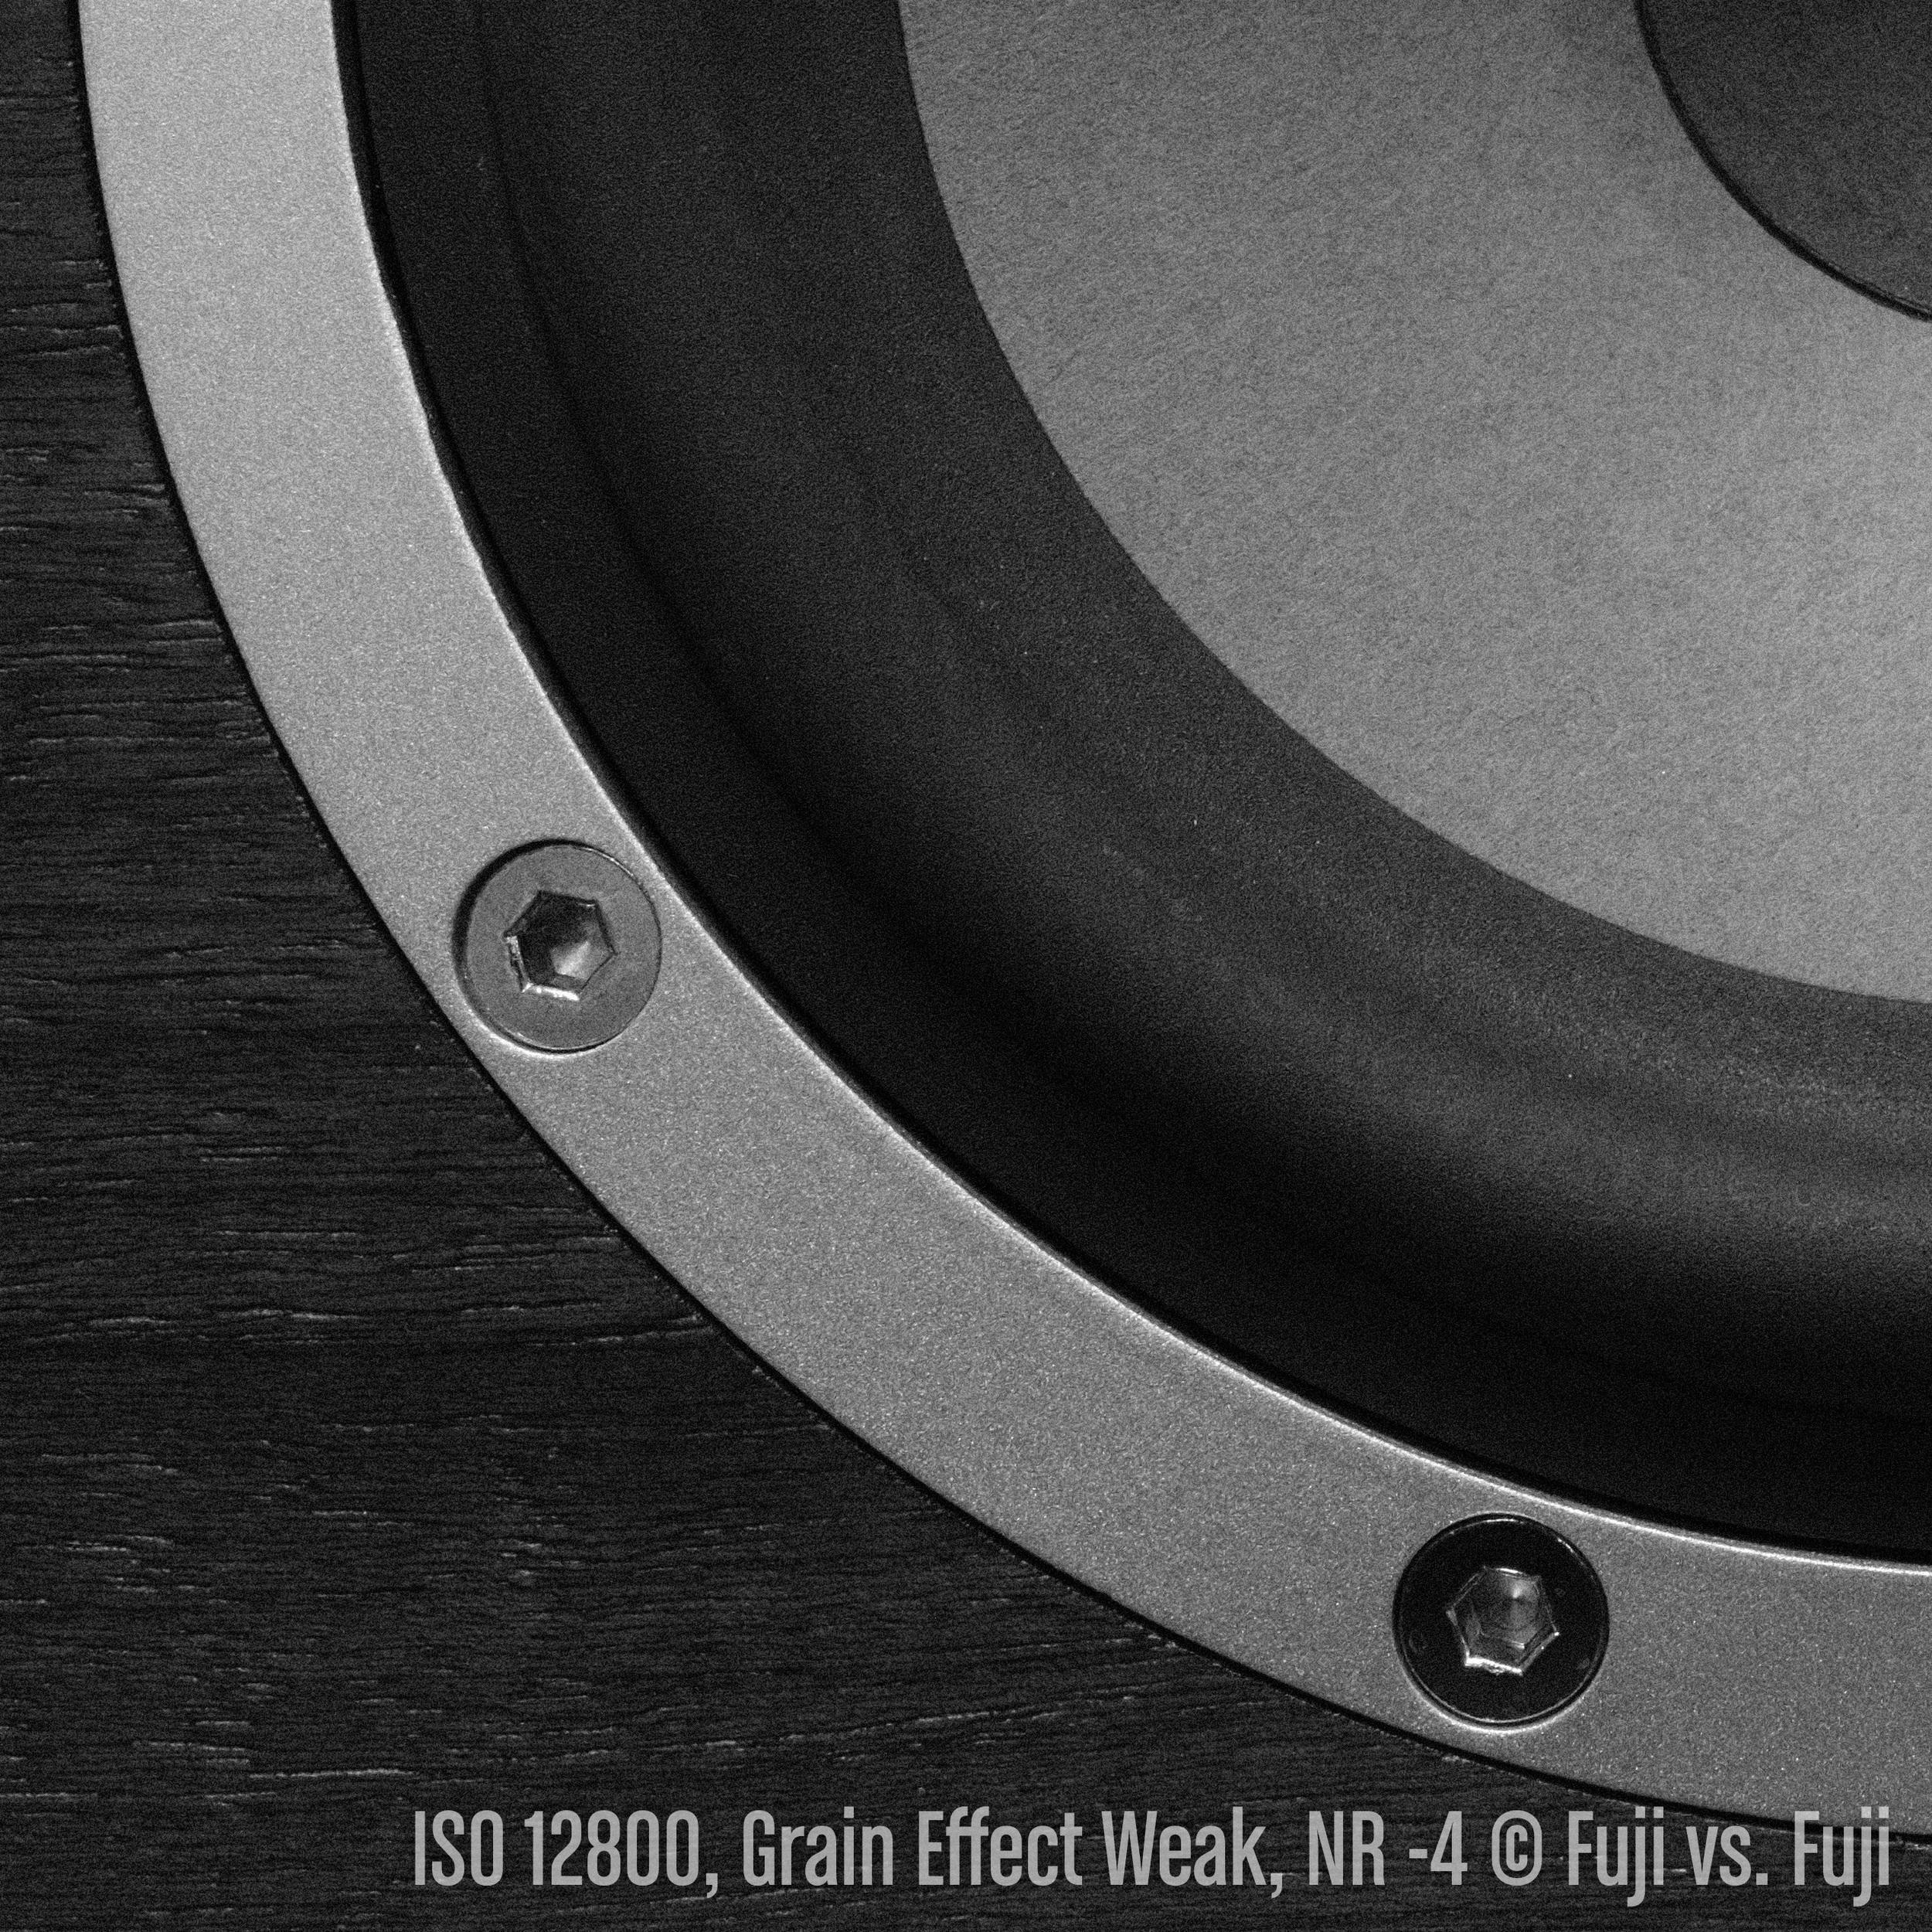 DSCF0050 - XF16mmF1.4 R WR @ 16 mm.jpg